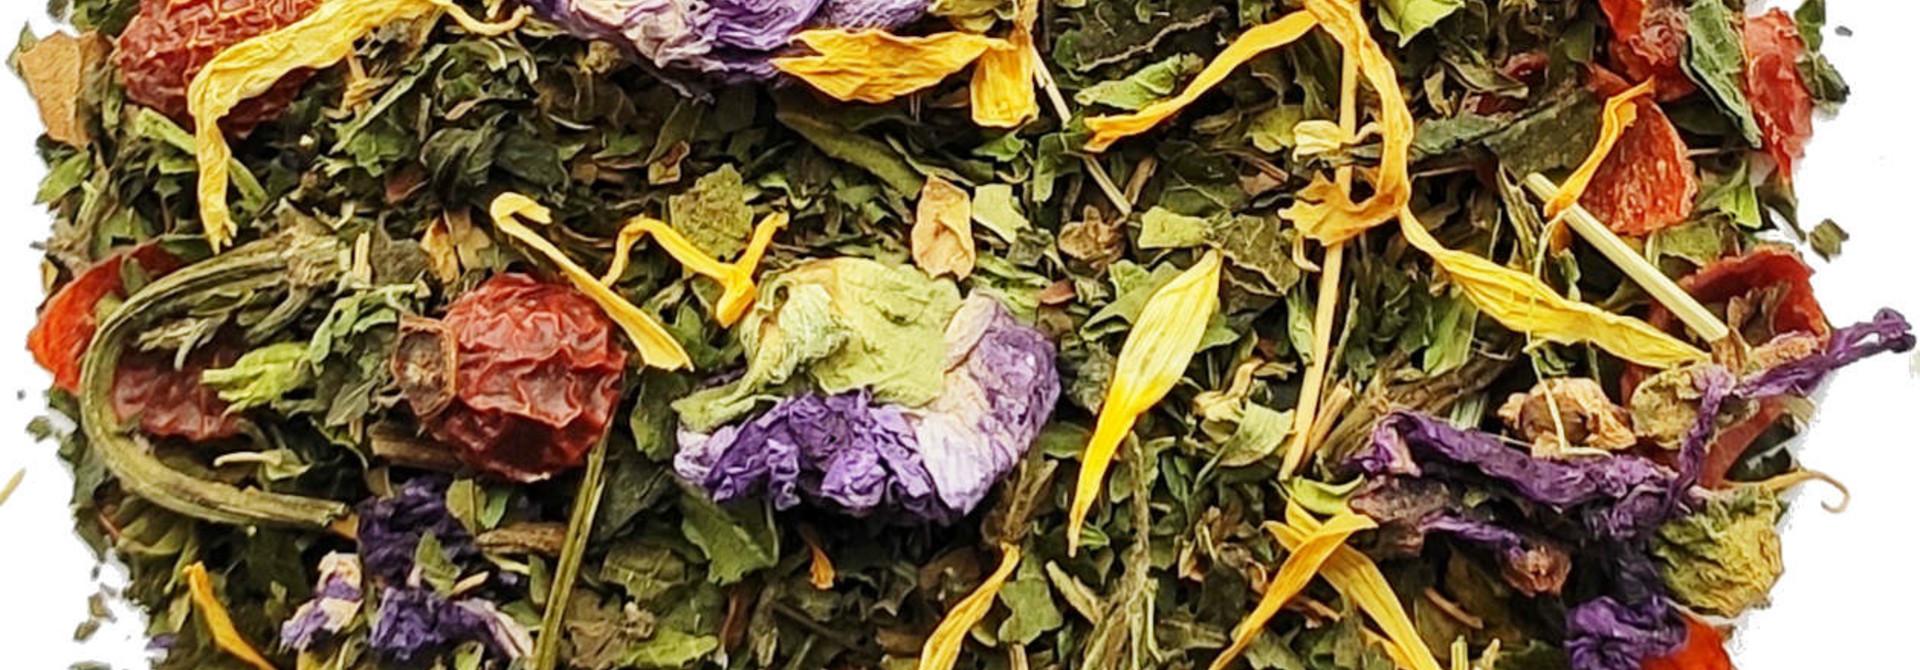 Kräutertee: Energetische Tee BIO